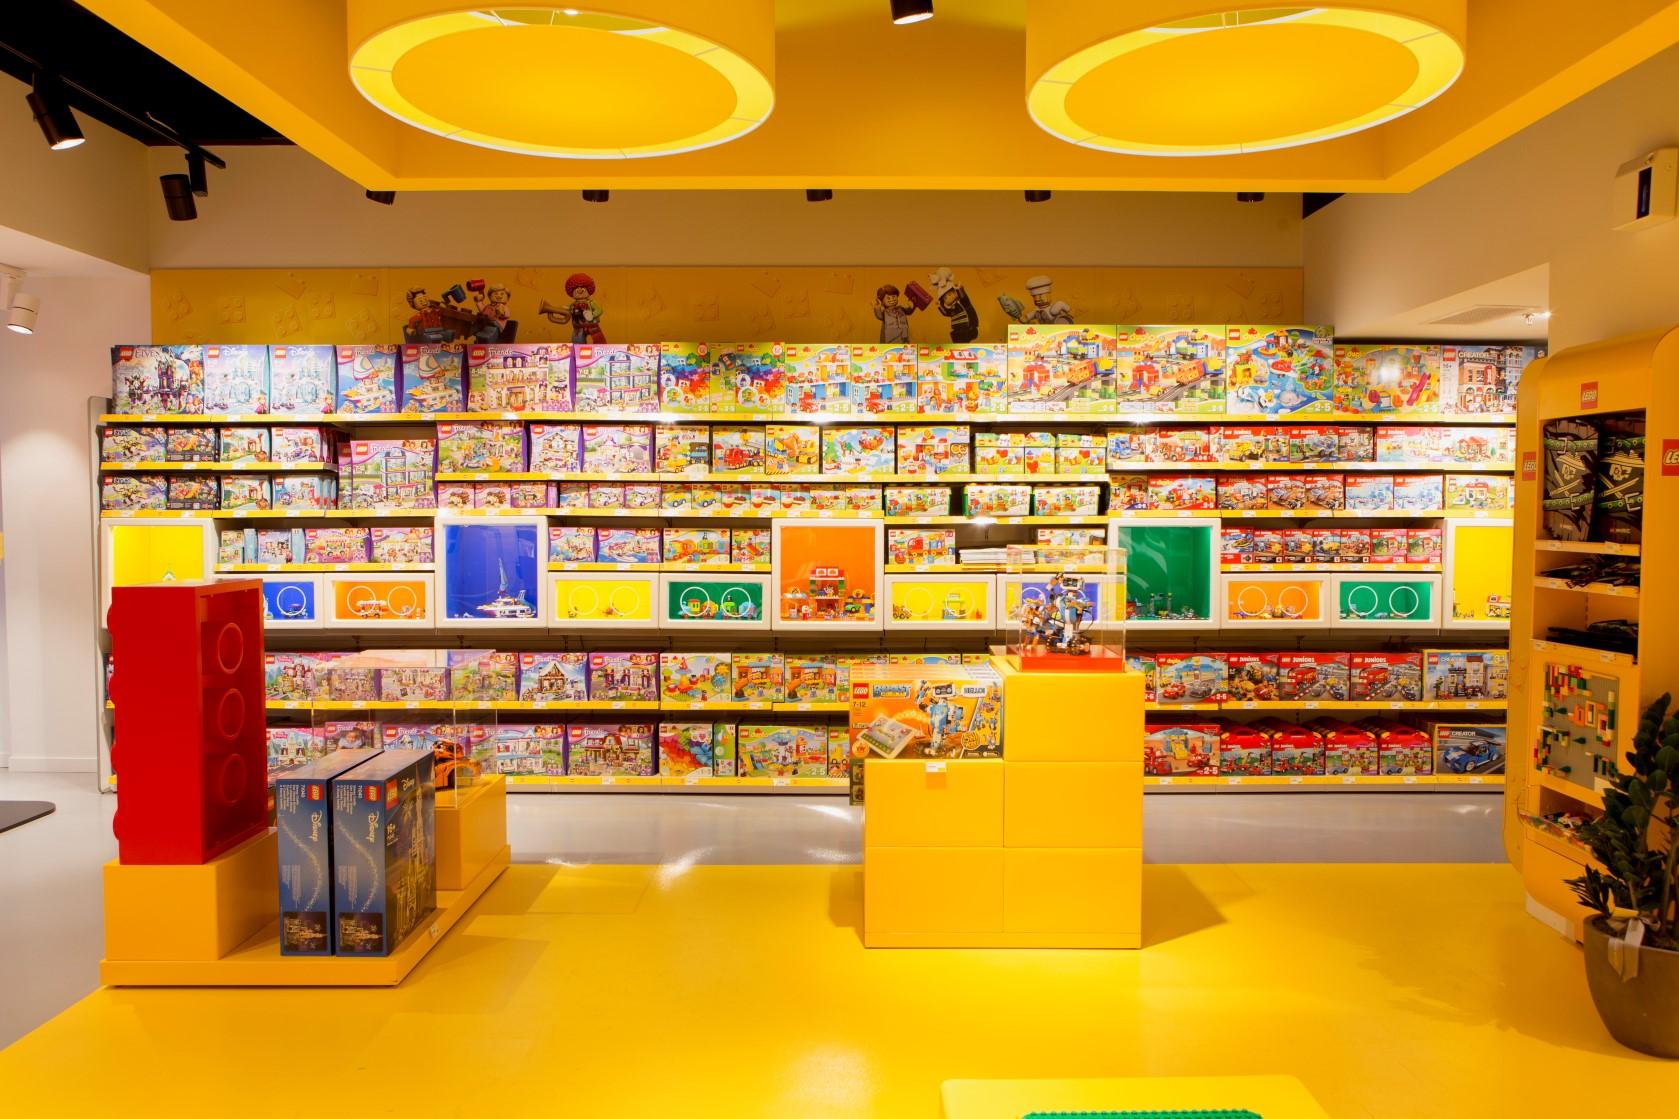 Türkiye'deki ilk LEGO® Store, çok yakında İstanbul Kanyon alişveriş merkezinde LEGO® tutkunları ile buluşmaya hazırlanıyor. LEGO®' nun yaratıcı dünyasına ait her şeyin yer alacağı şeçkin mağaza, her yaştan LEGO® tutkununa unutamayacakları bir deneyim fırs